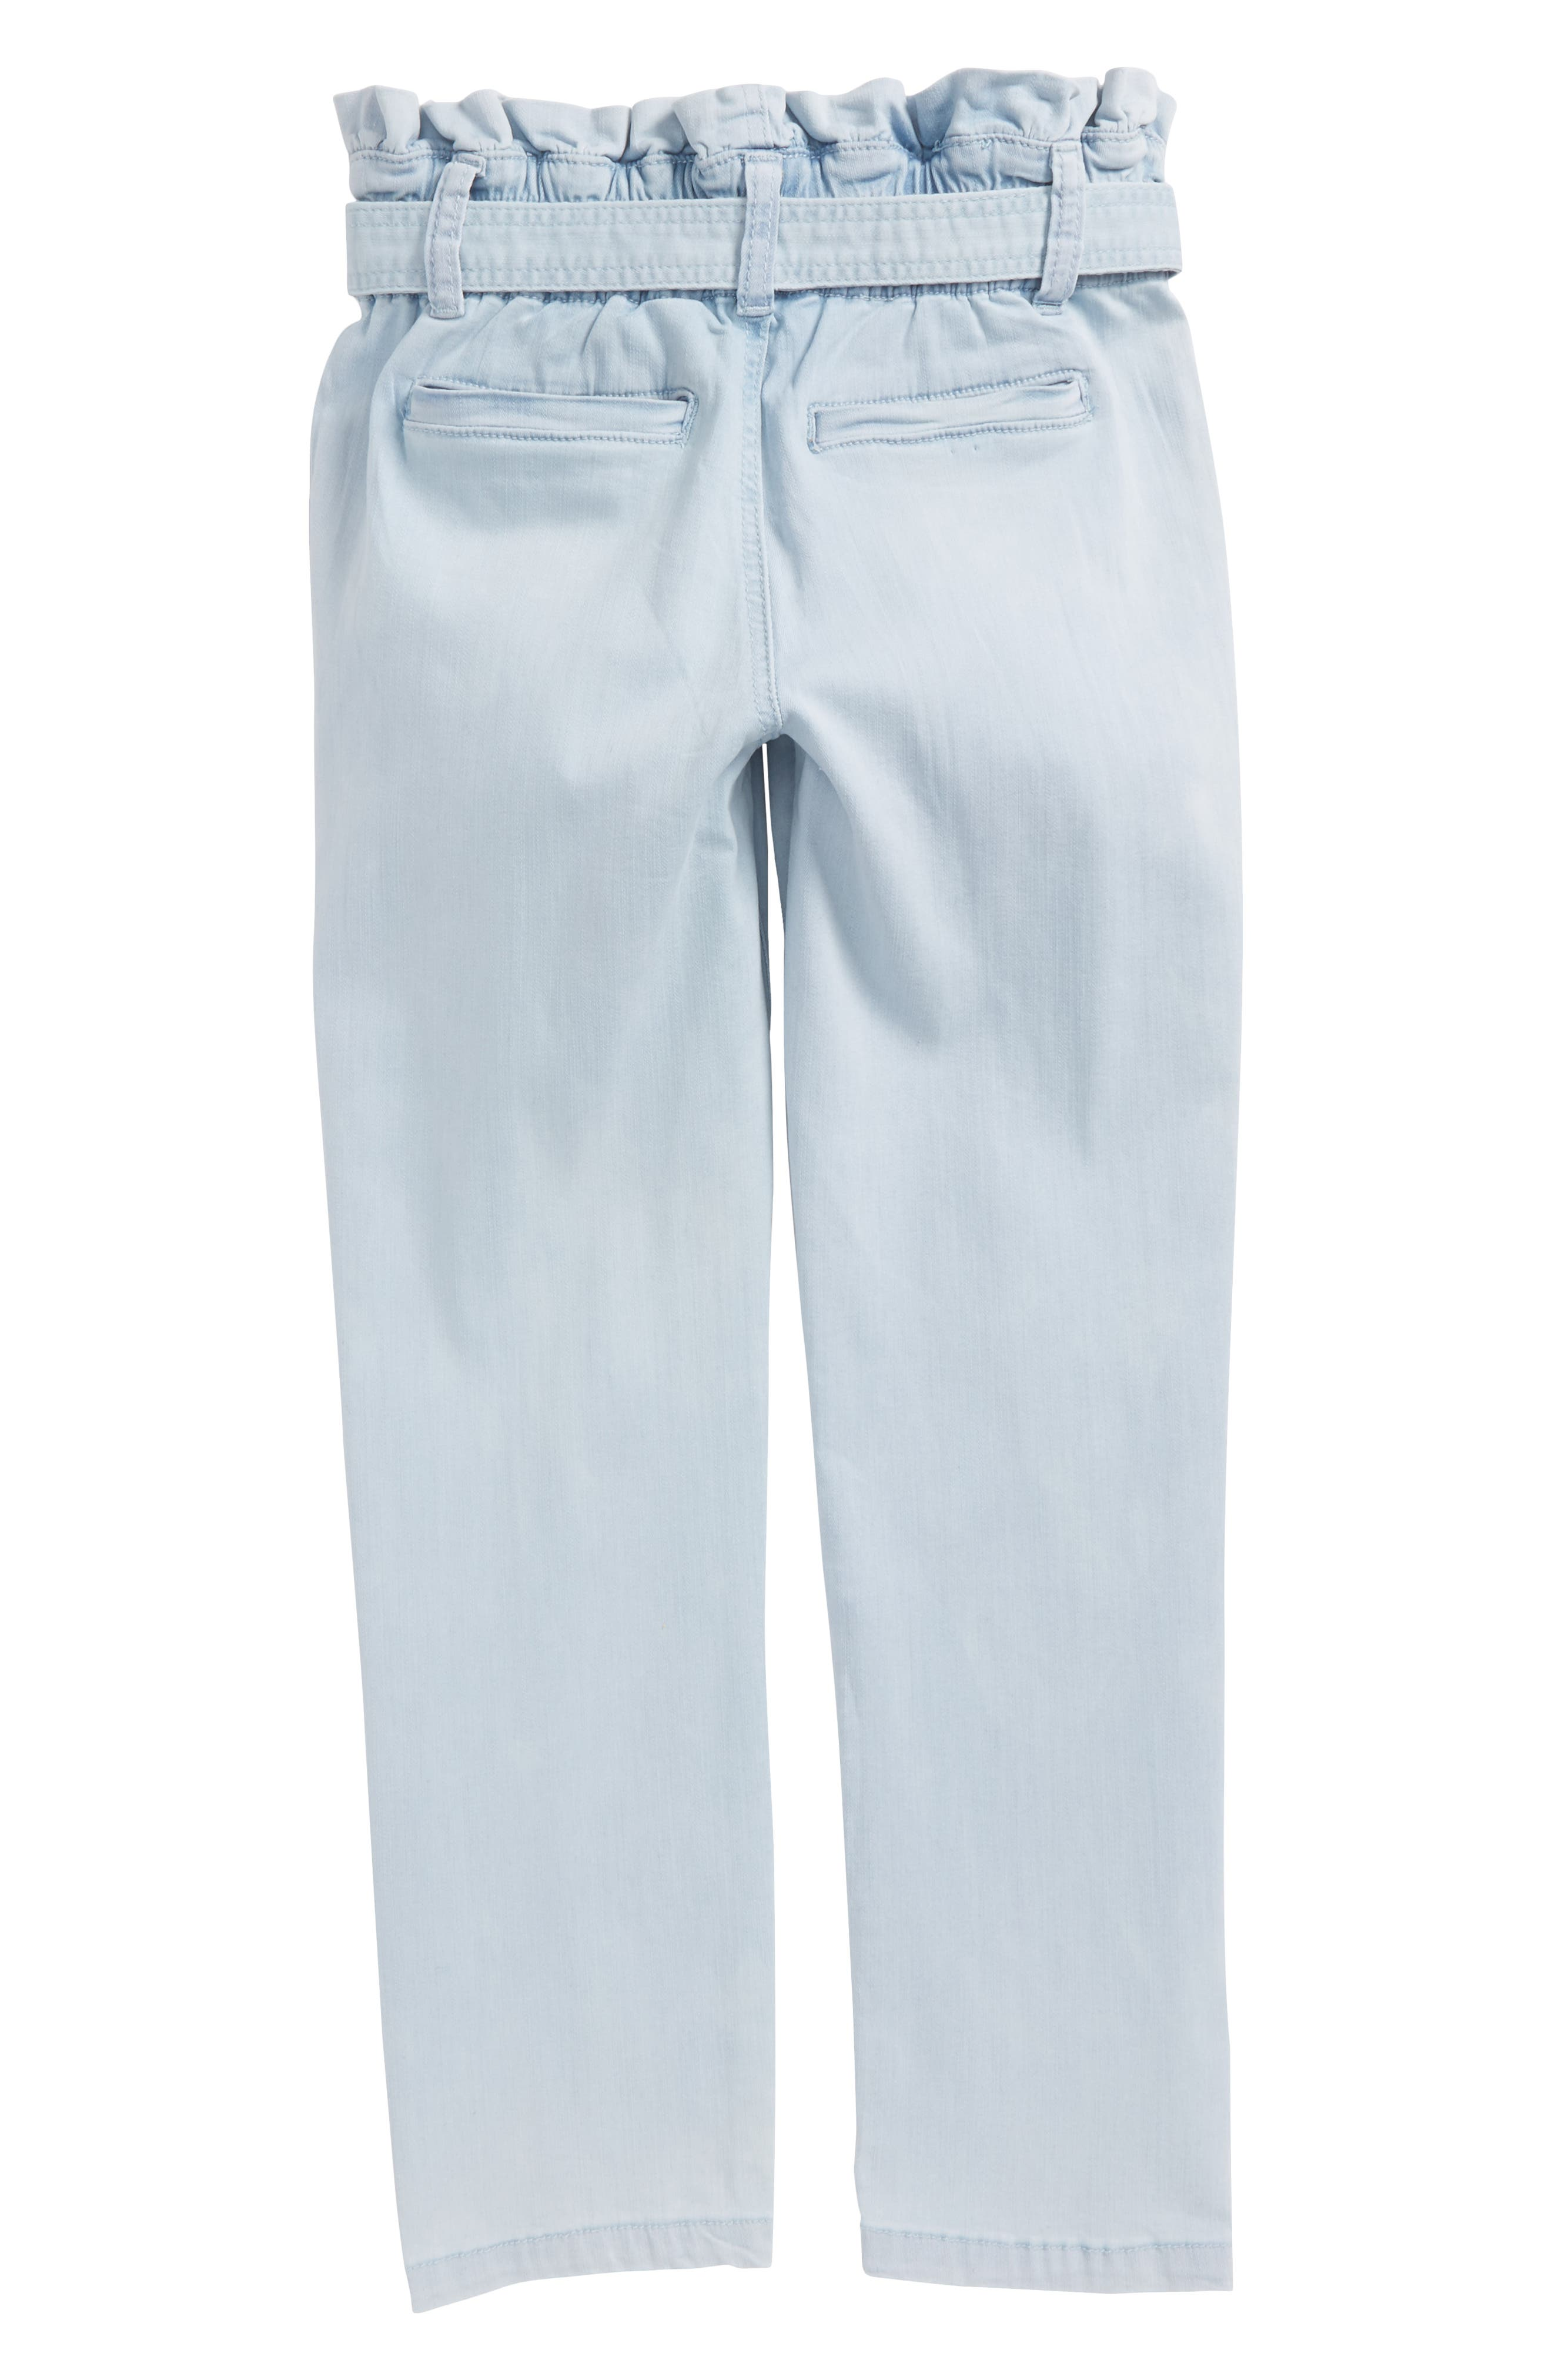 Paper Bag Crop Pants,                             Alternate thumbnail 2, color,                             404